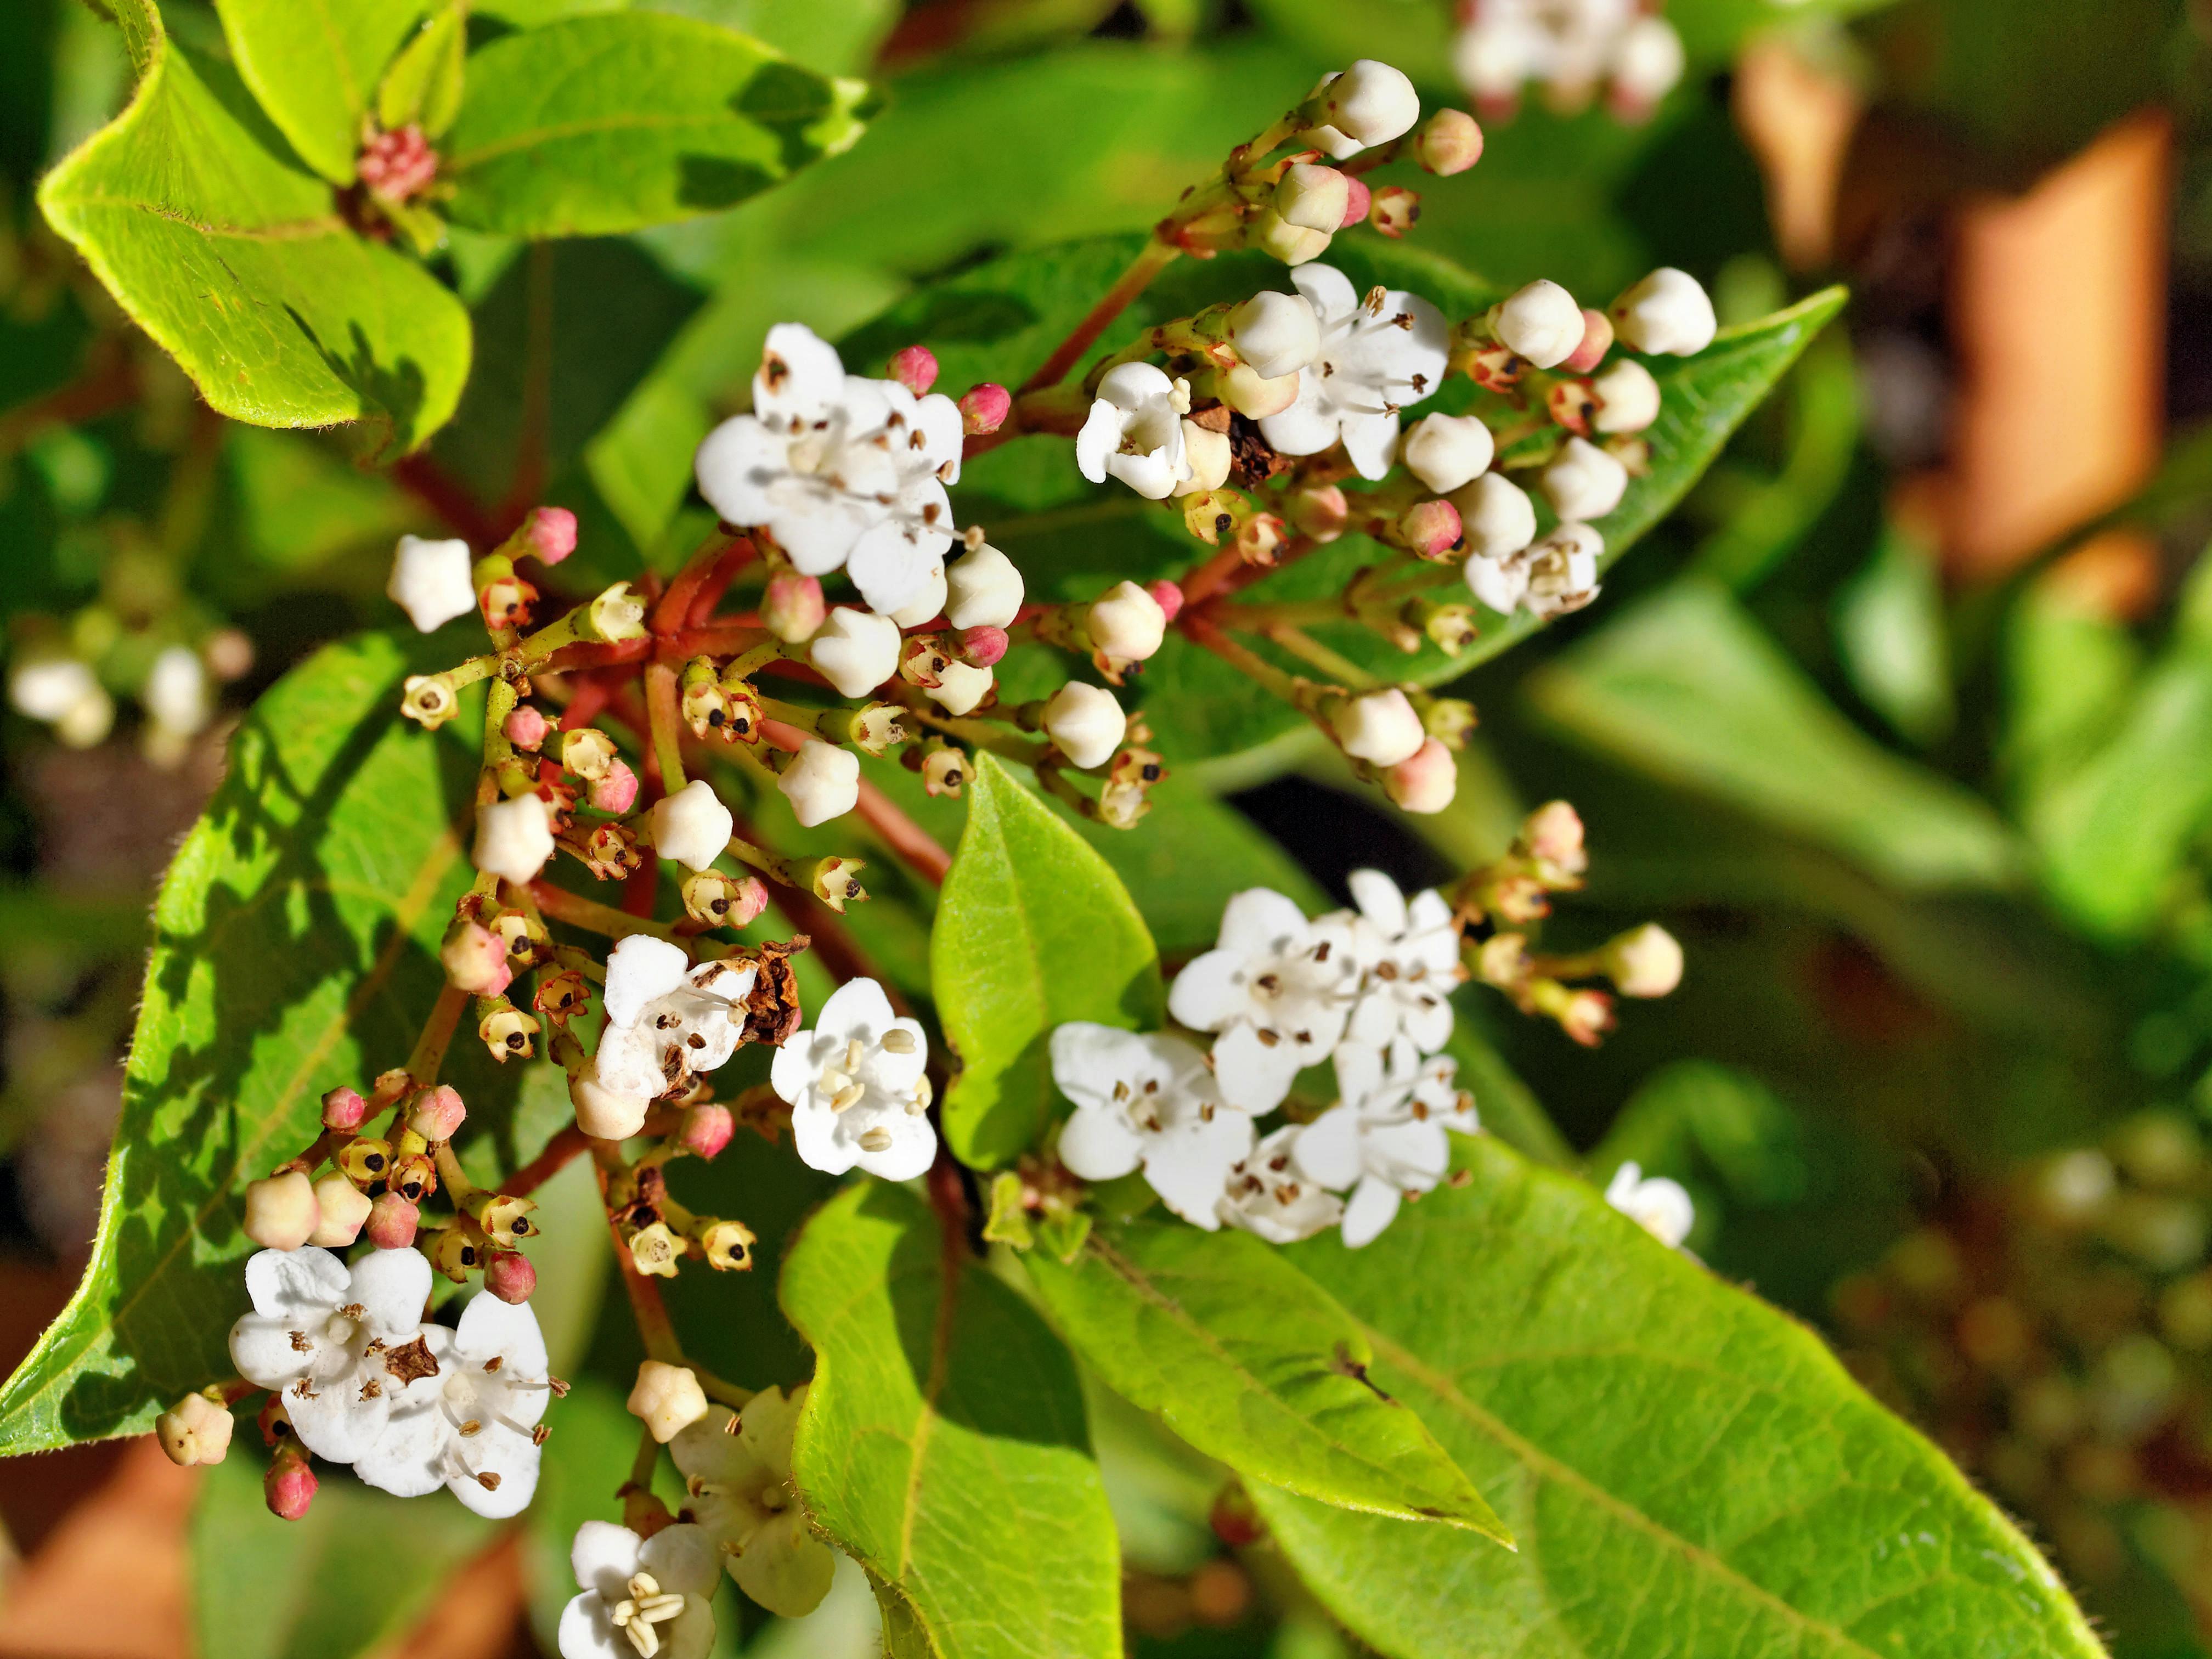 Viburnum-rhytidophylloides-2.jpeg